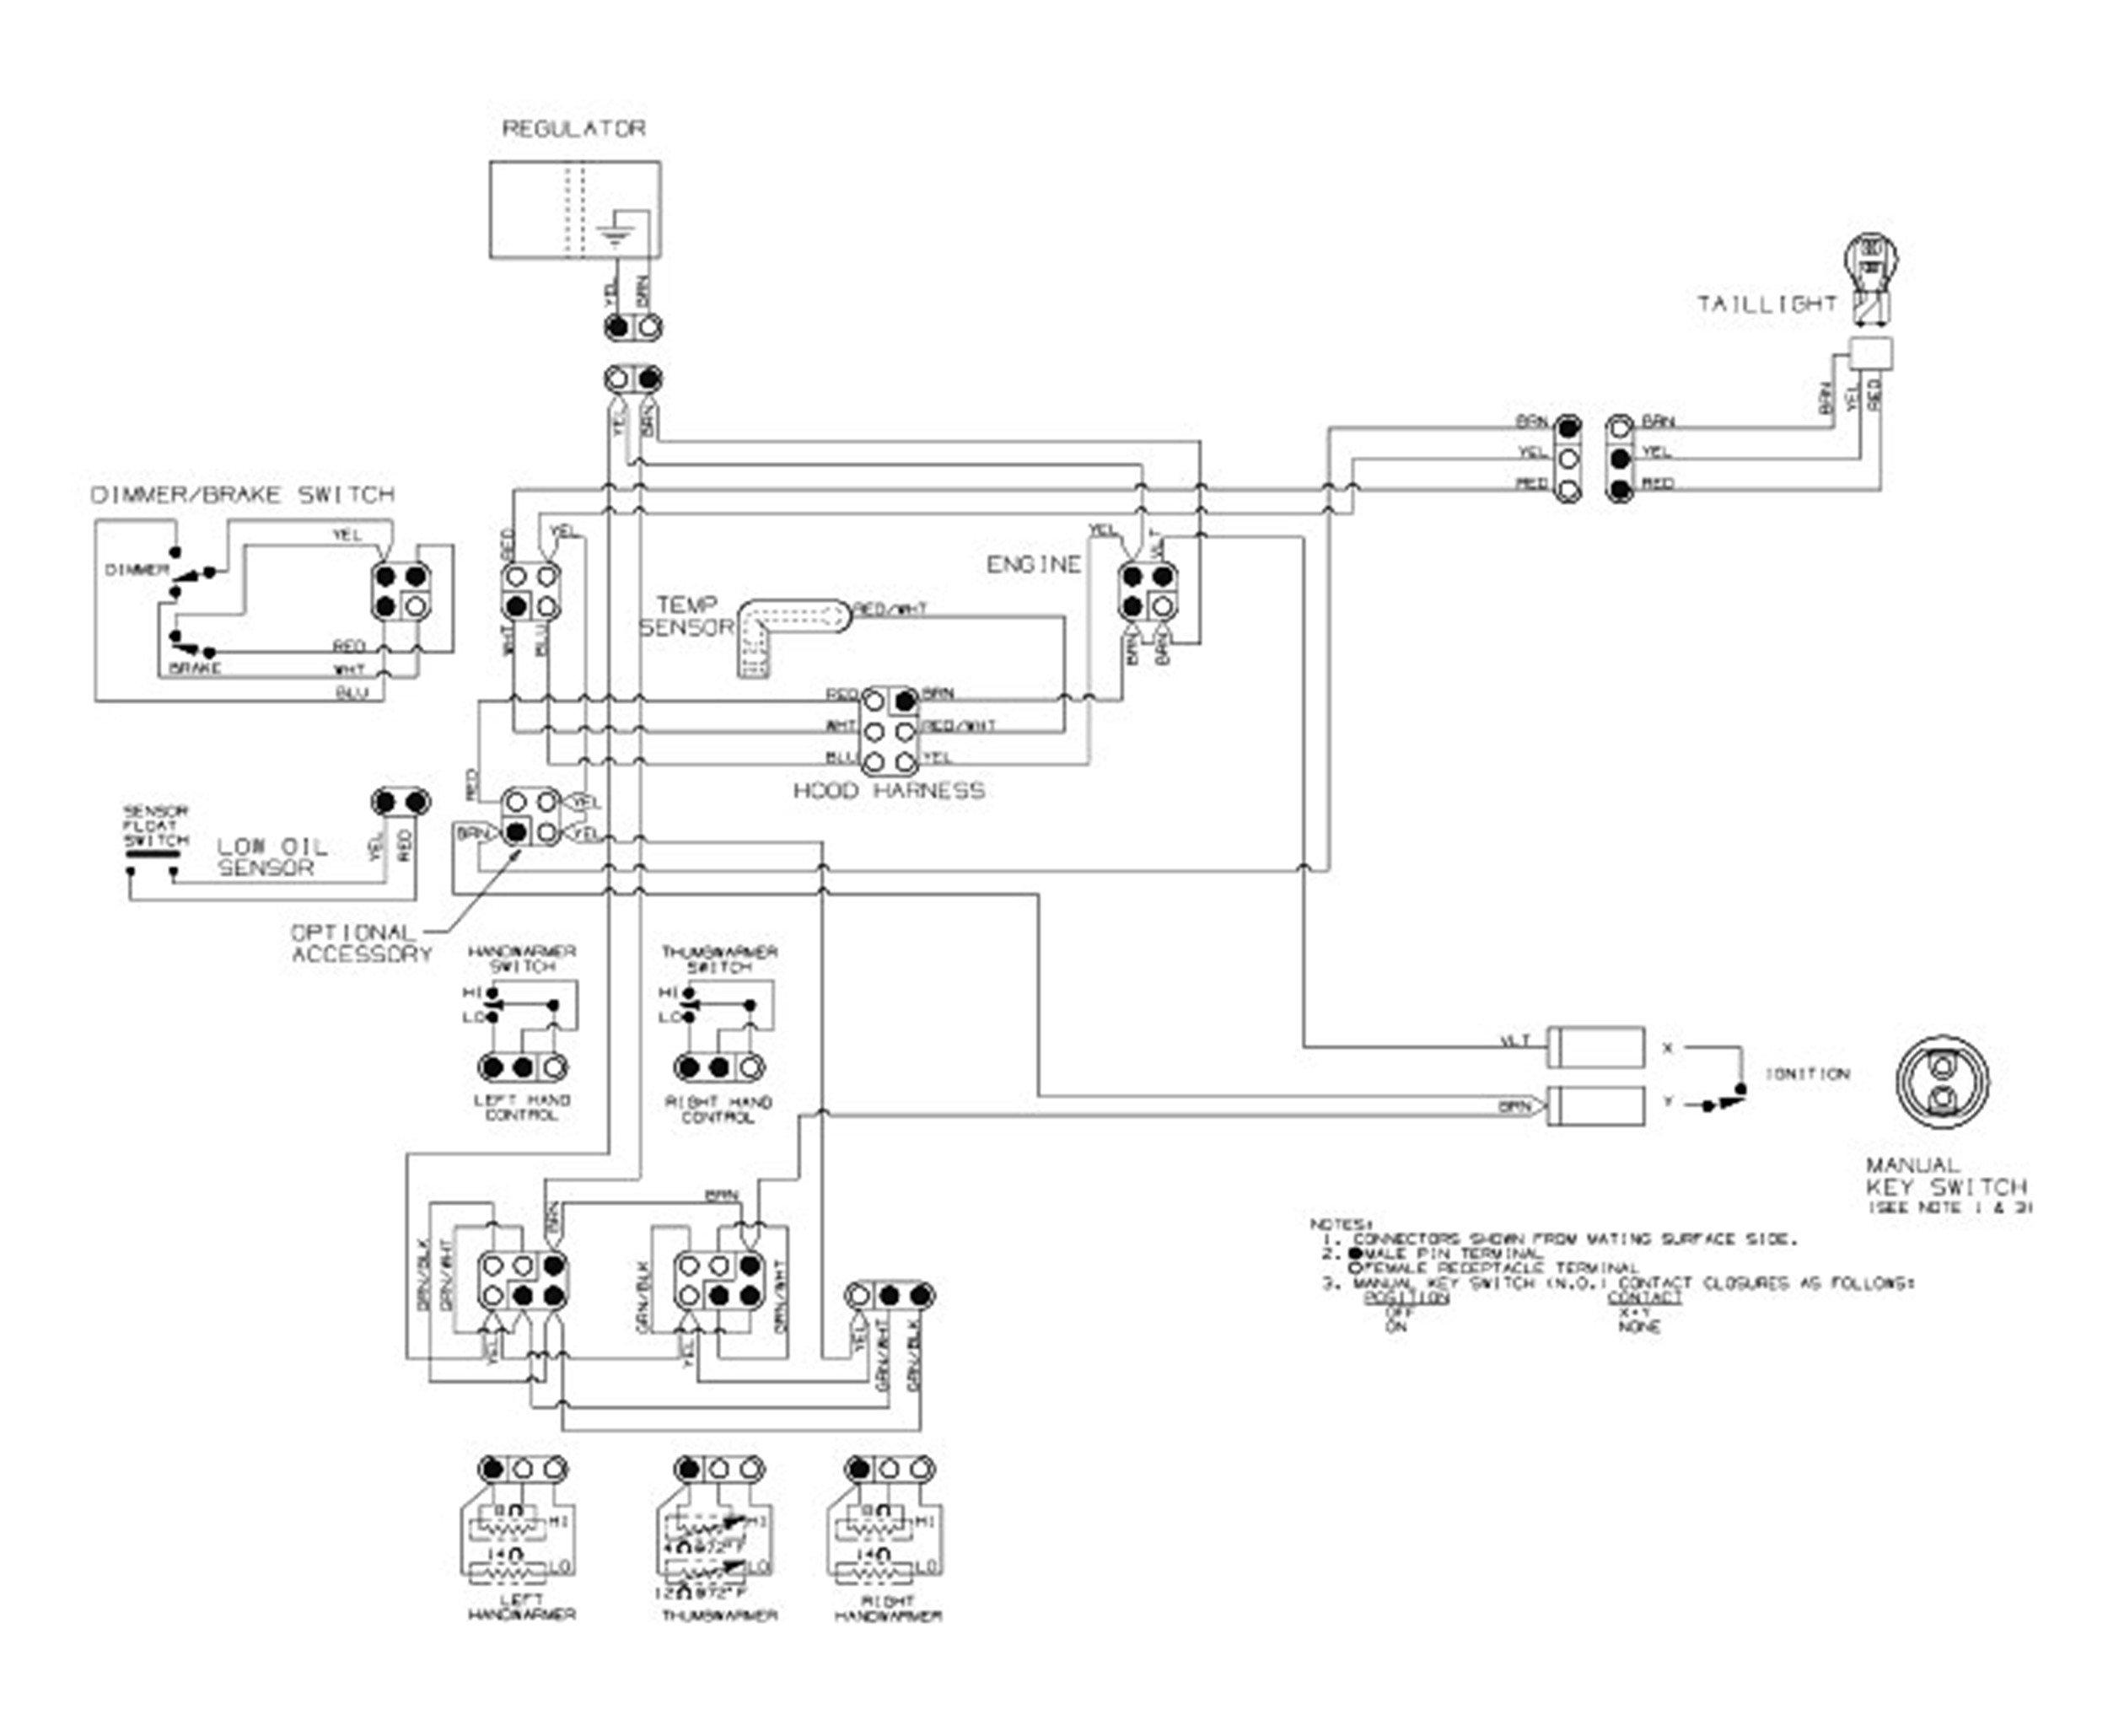 arctic cat tps wire diagram 3 arctic database wiring arctic cat tps wire diagram 3 arctic home wiring diagrams